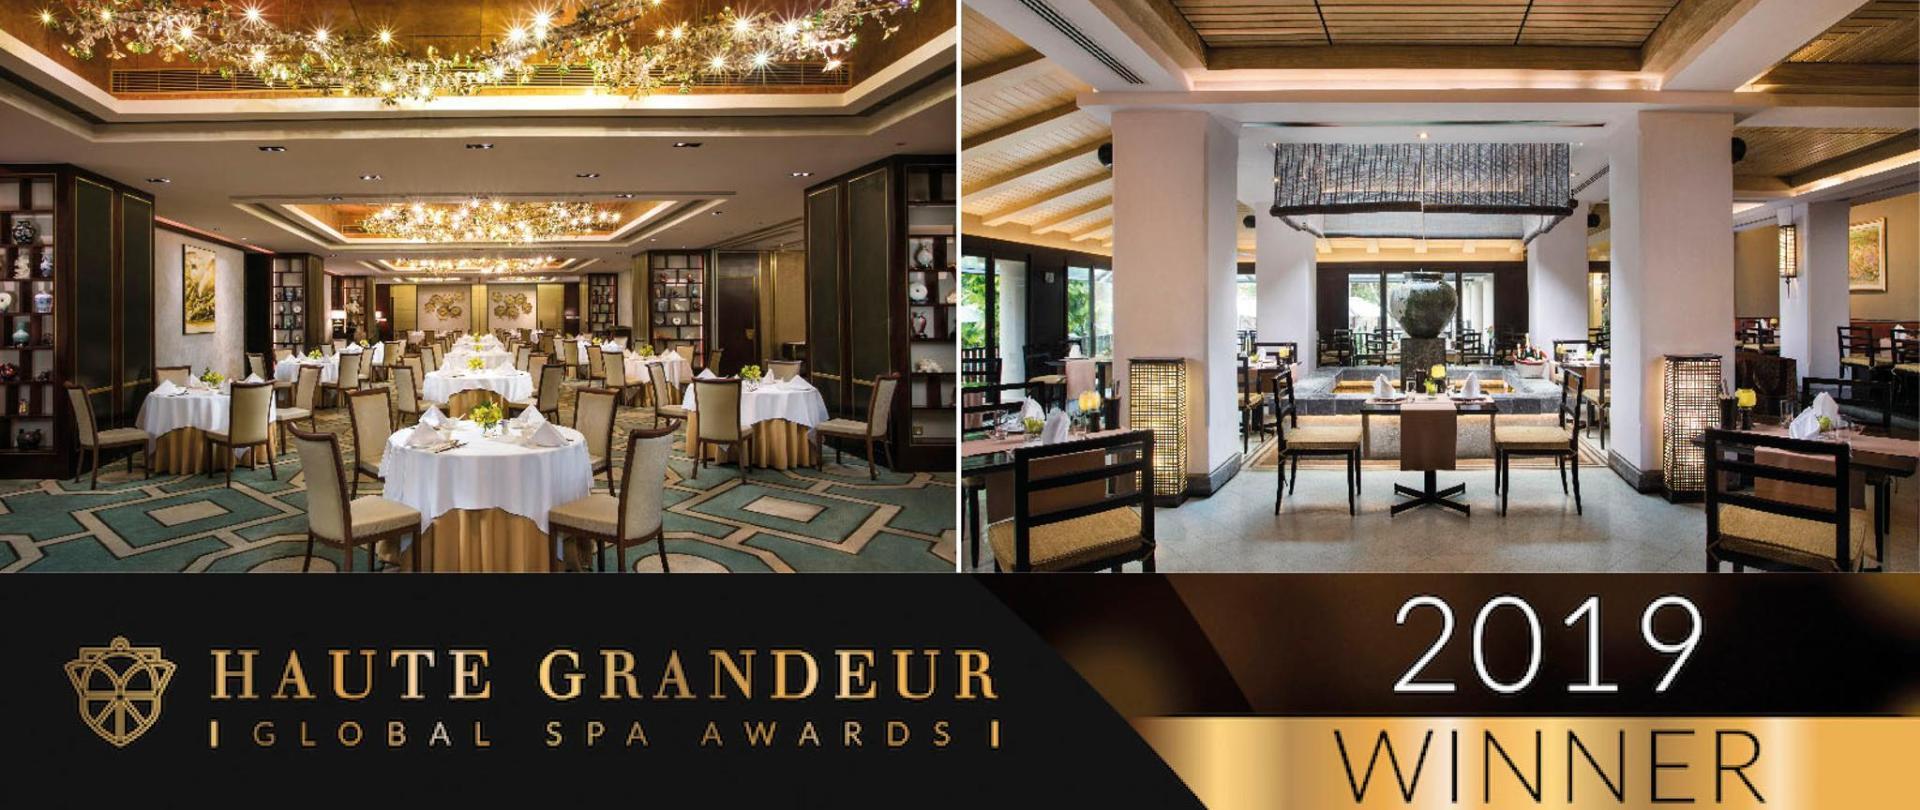 R1922 GL Haute Grandeur Award Visuals a_1 (1).jpg